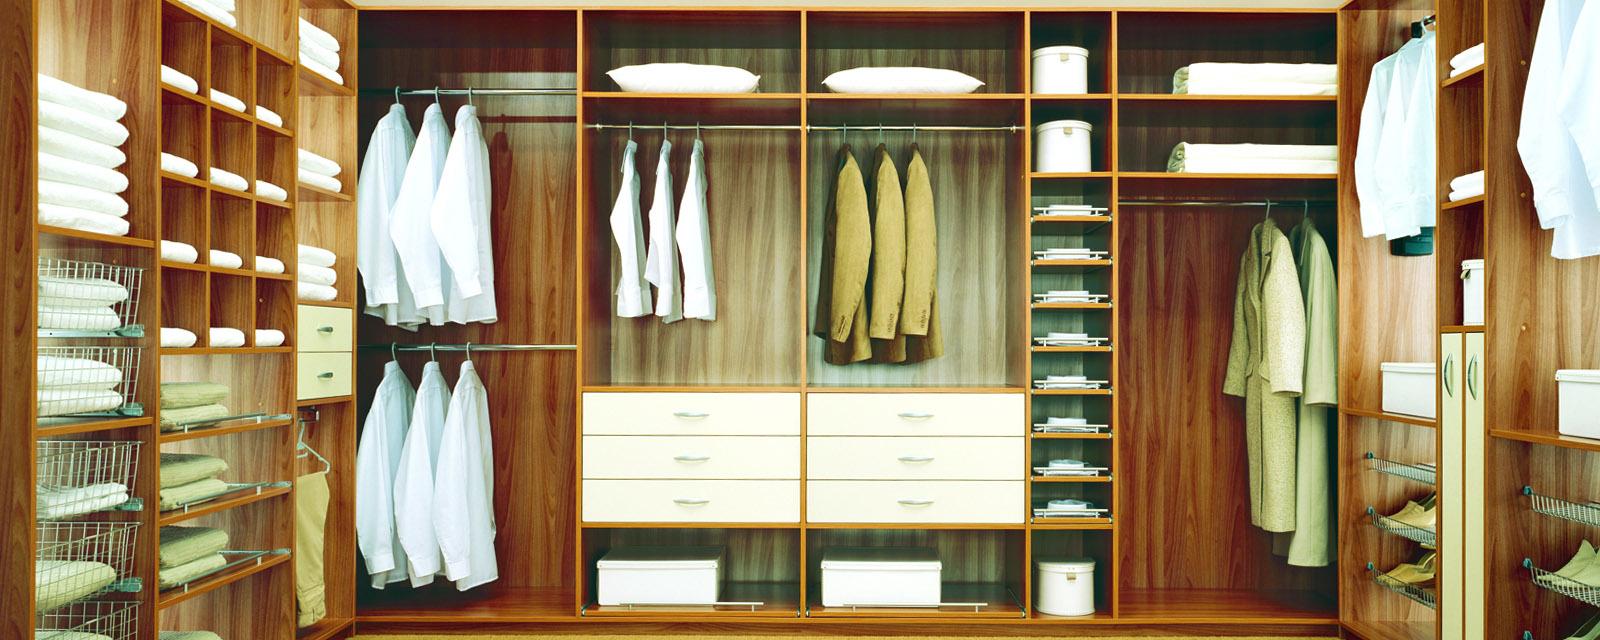 Beépített szekrény, gardrób szekrény